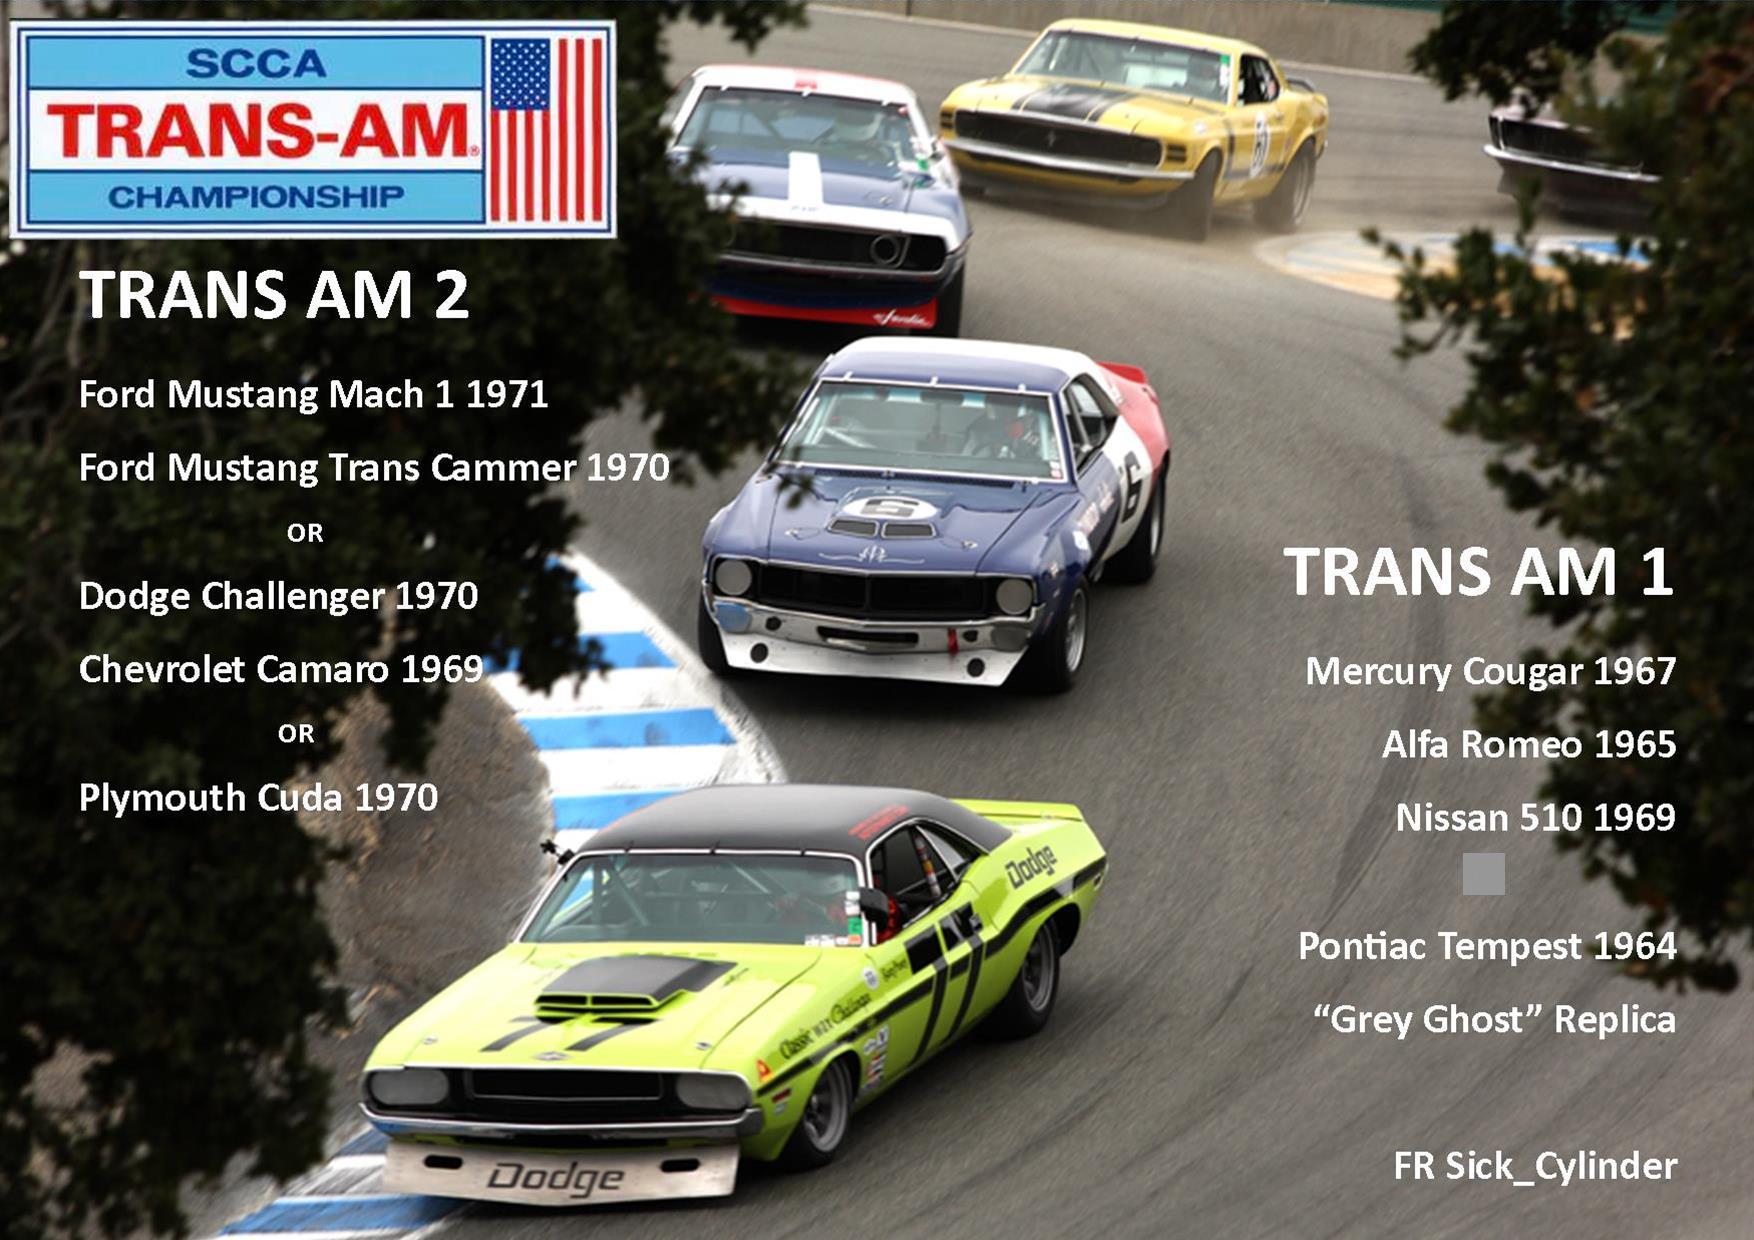 Trans Am Poster Nov 2014.jpg